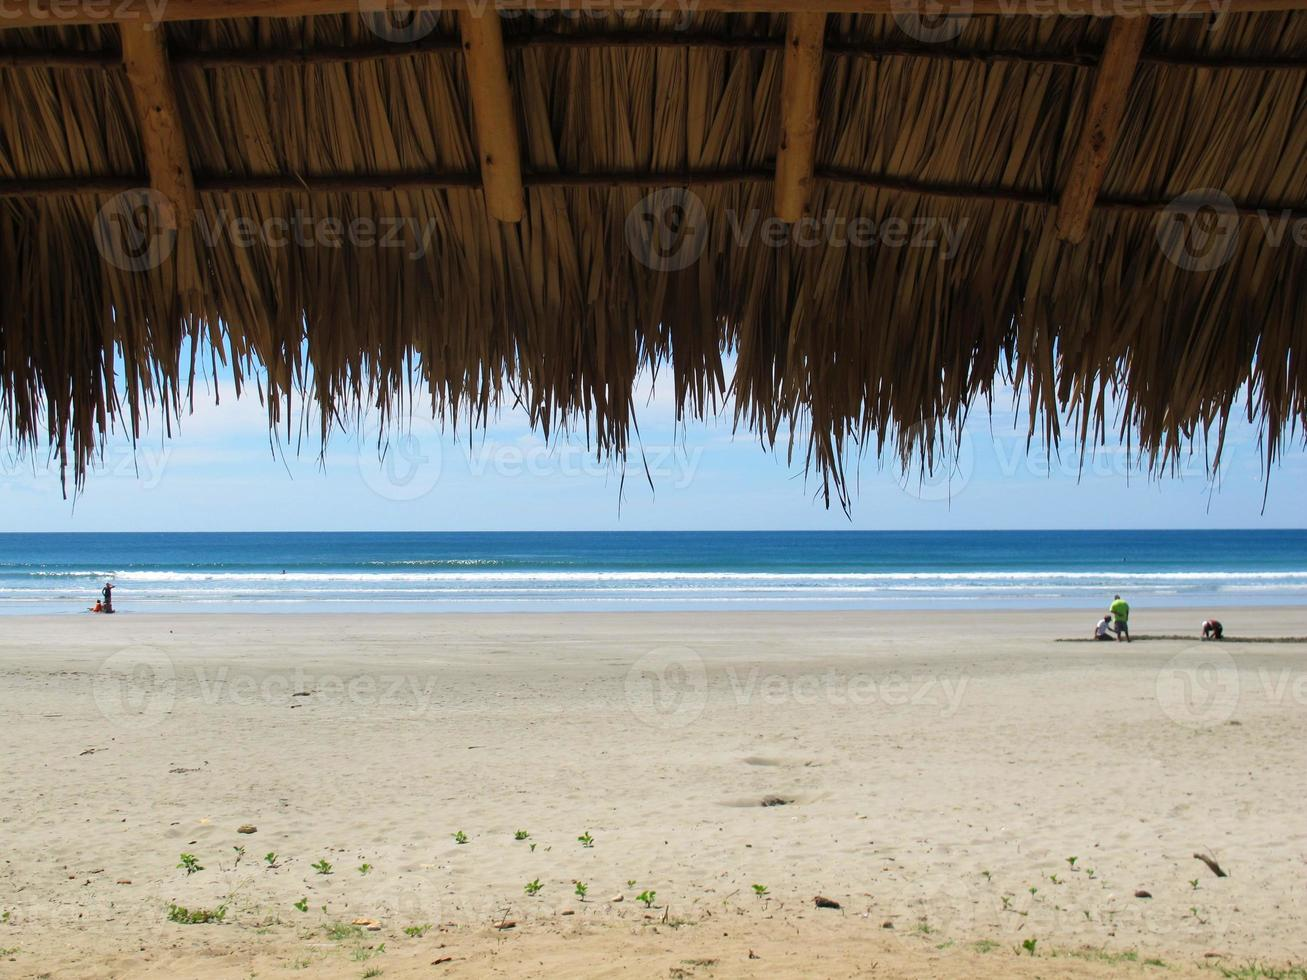 plage tranquille avec cabane de feuilles de palmier. photo